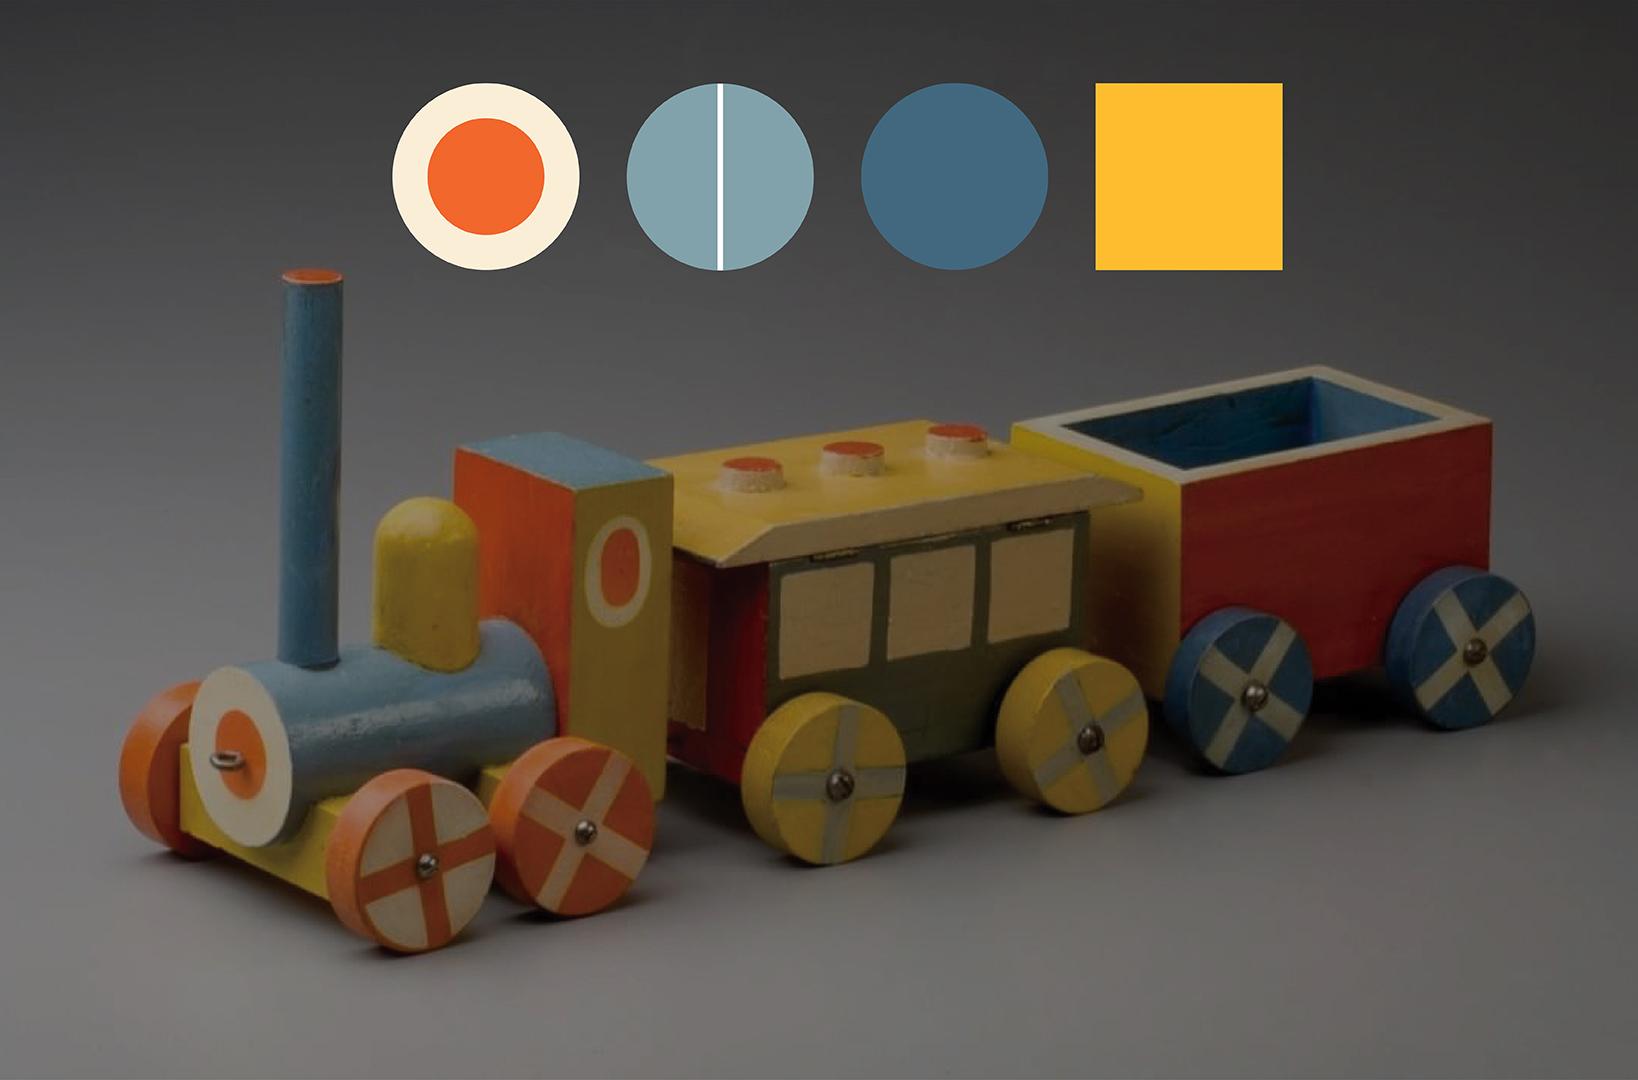 wooden toy train designed by Ladislav Sutnar